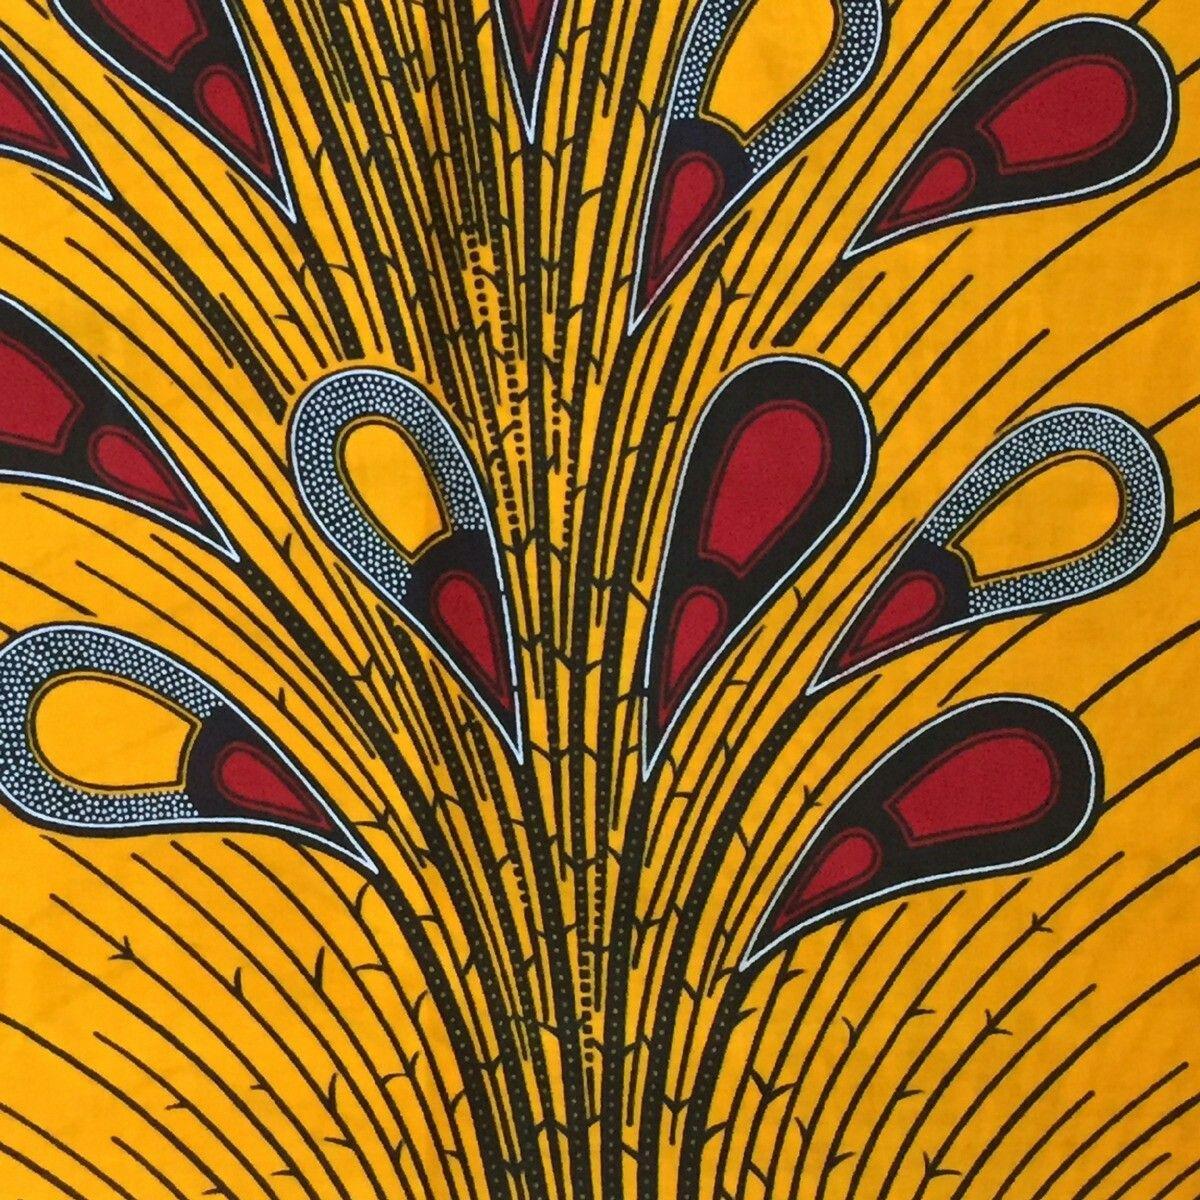 tissu africain graphique